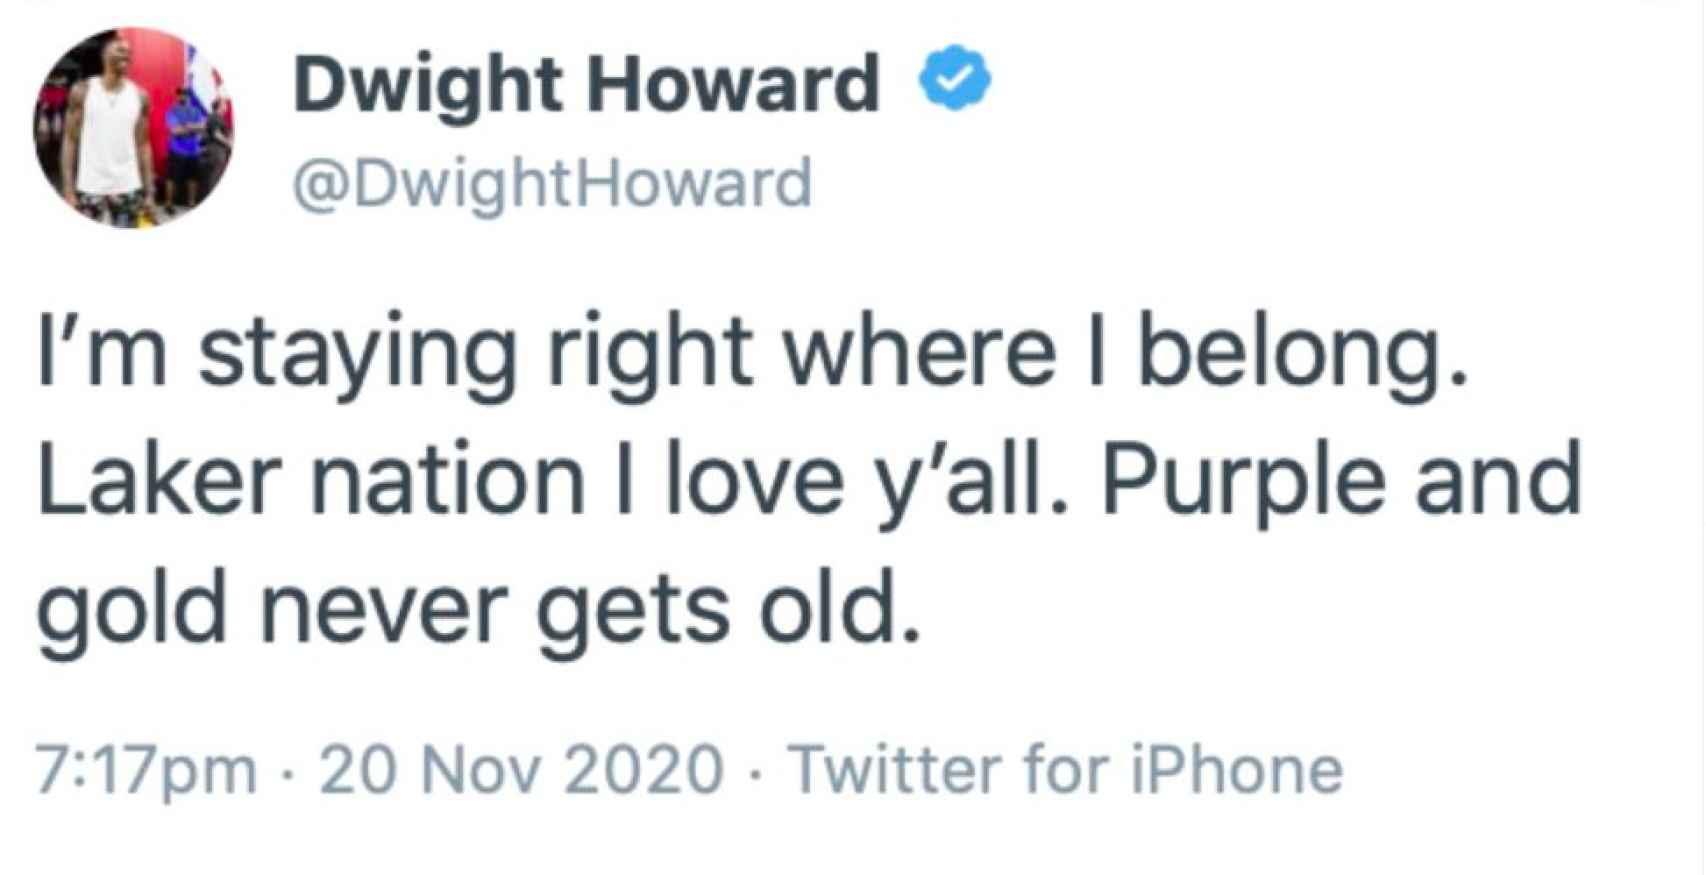 El mensaje de Dwight Howard